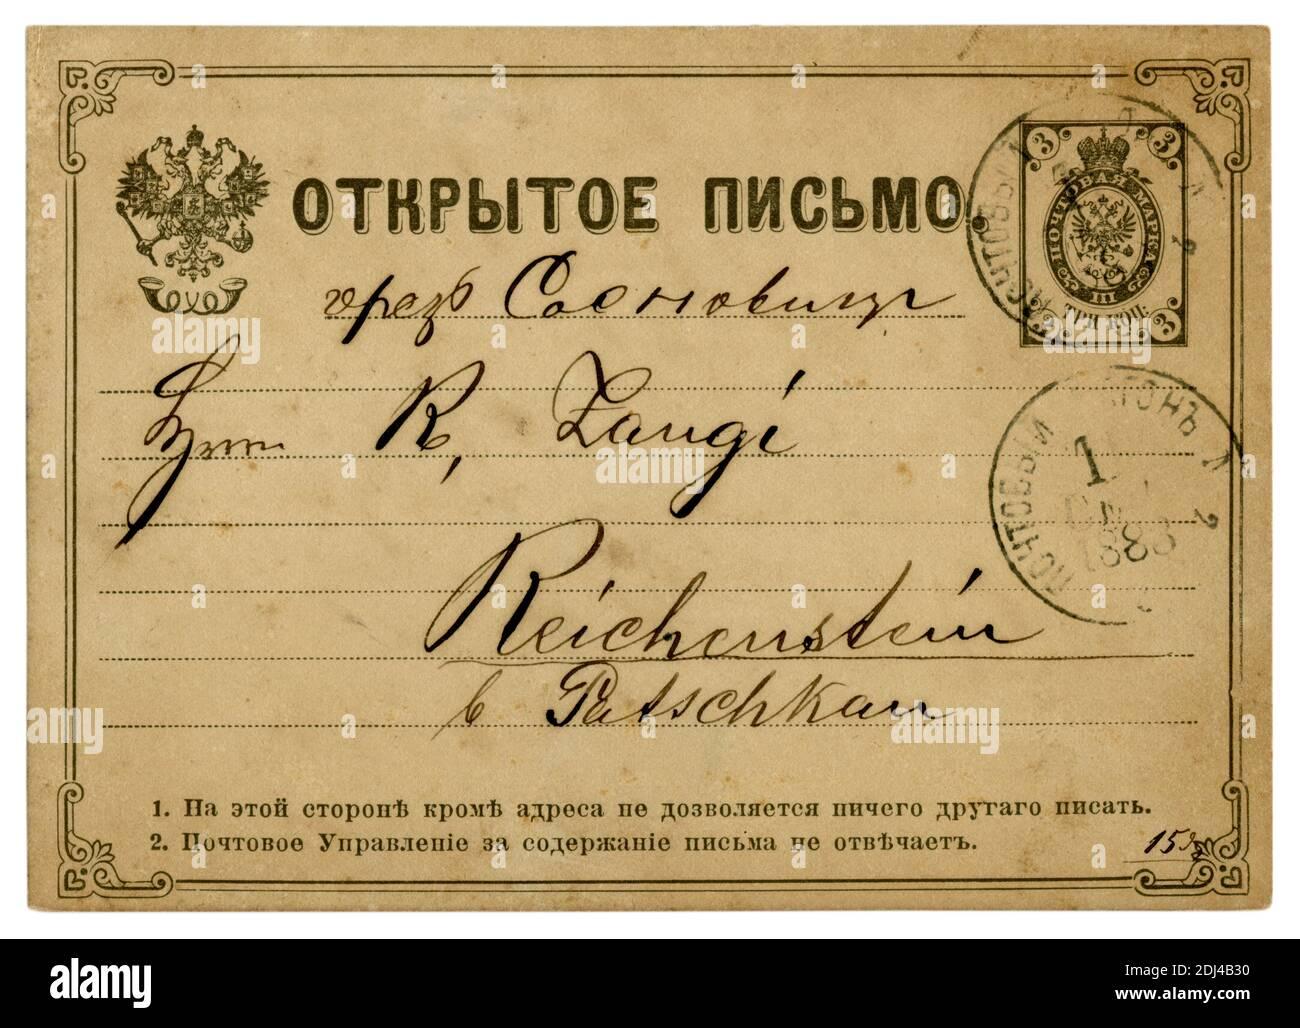 Tarjeta postal histórica rusa con águila de doble cabeza, sello postal impreso, sello postal del coche de correo, carta a Patschkau, Imperio Alemán, 1883 Foto de stock